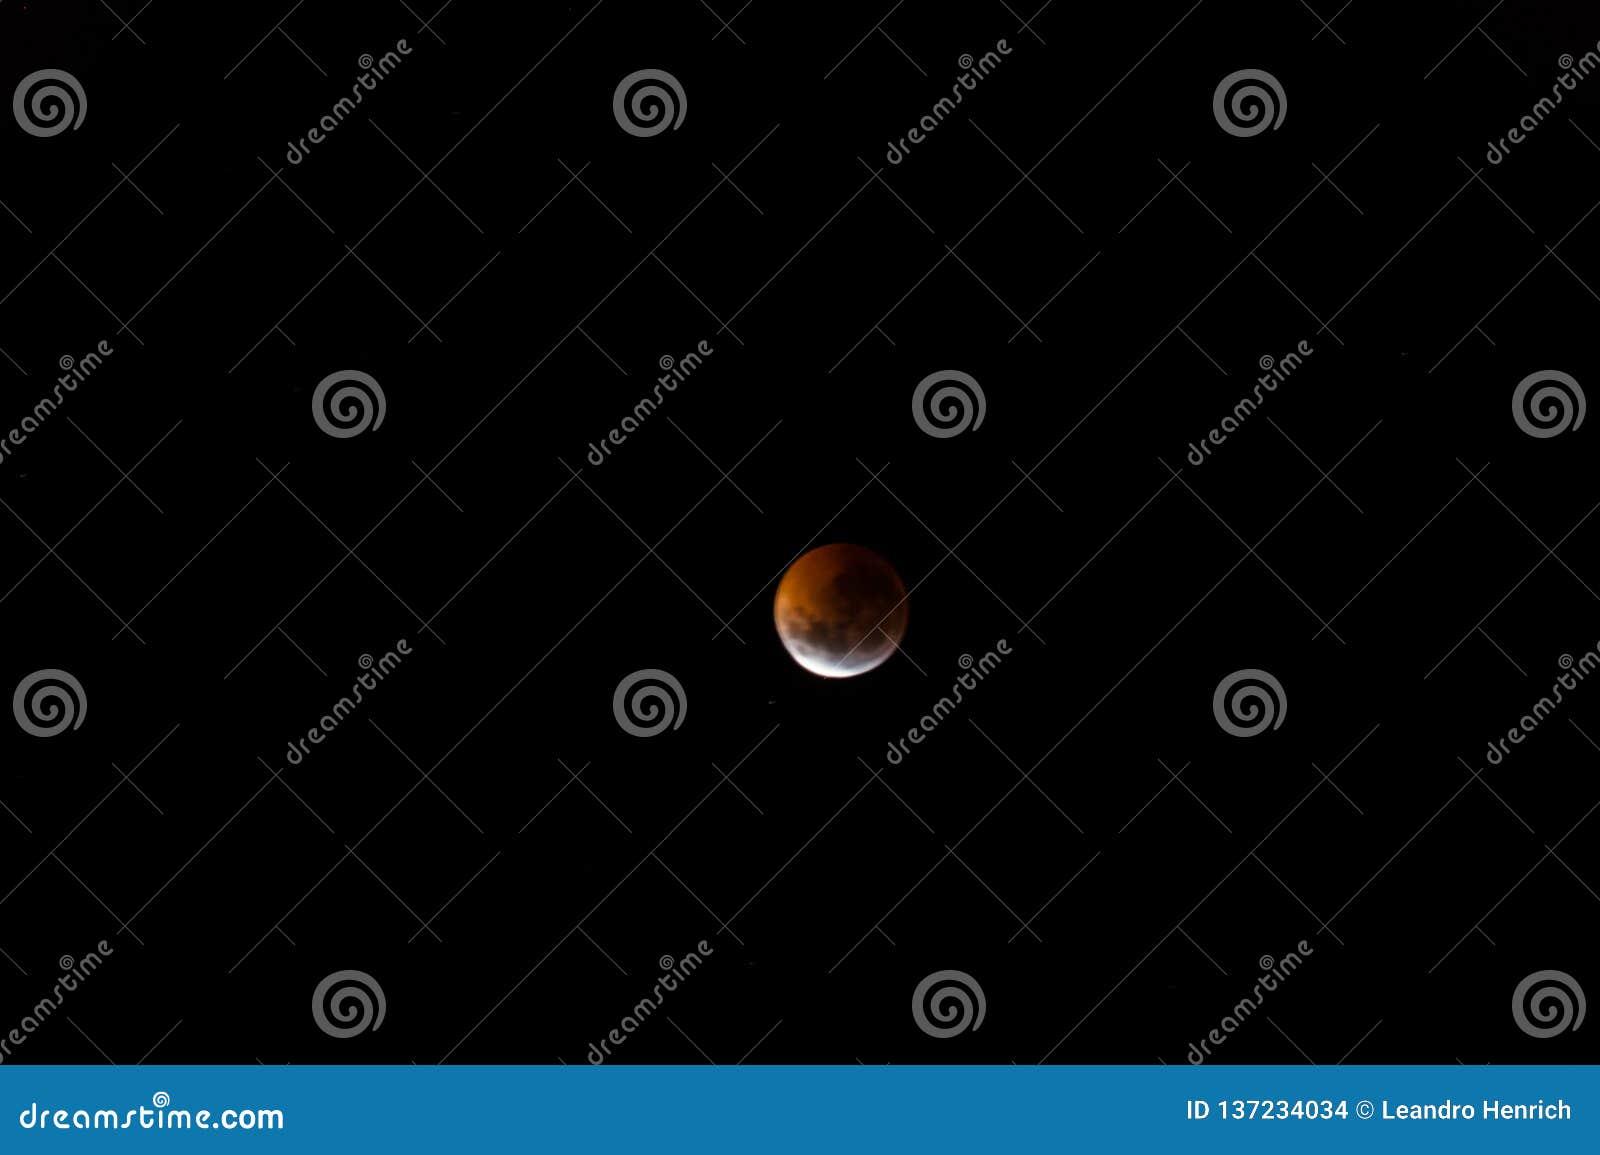 Luna sangrienta: El eclipse lunar total de 2019